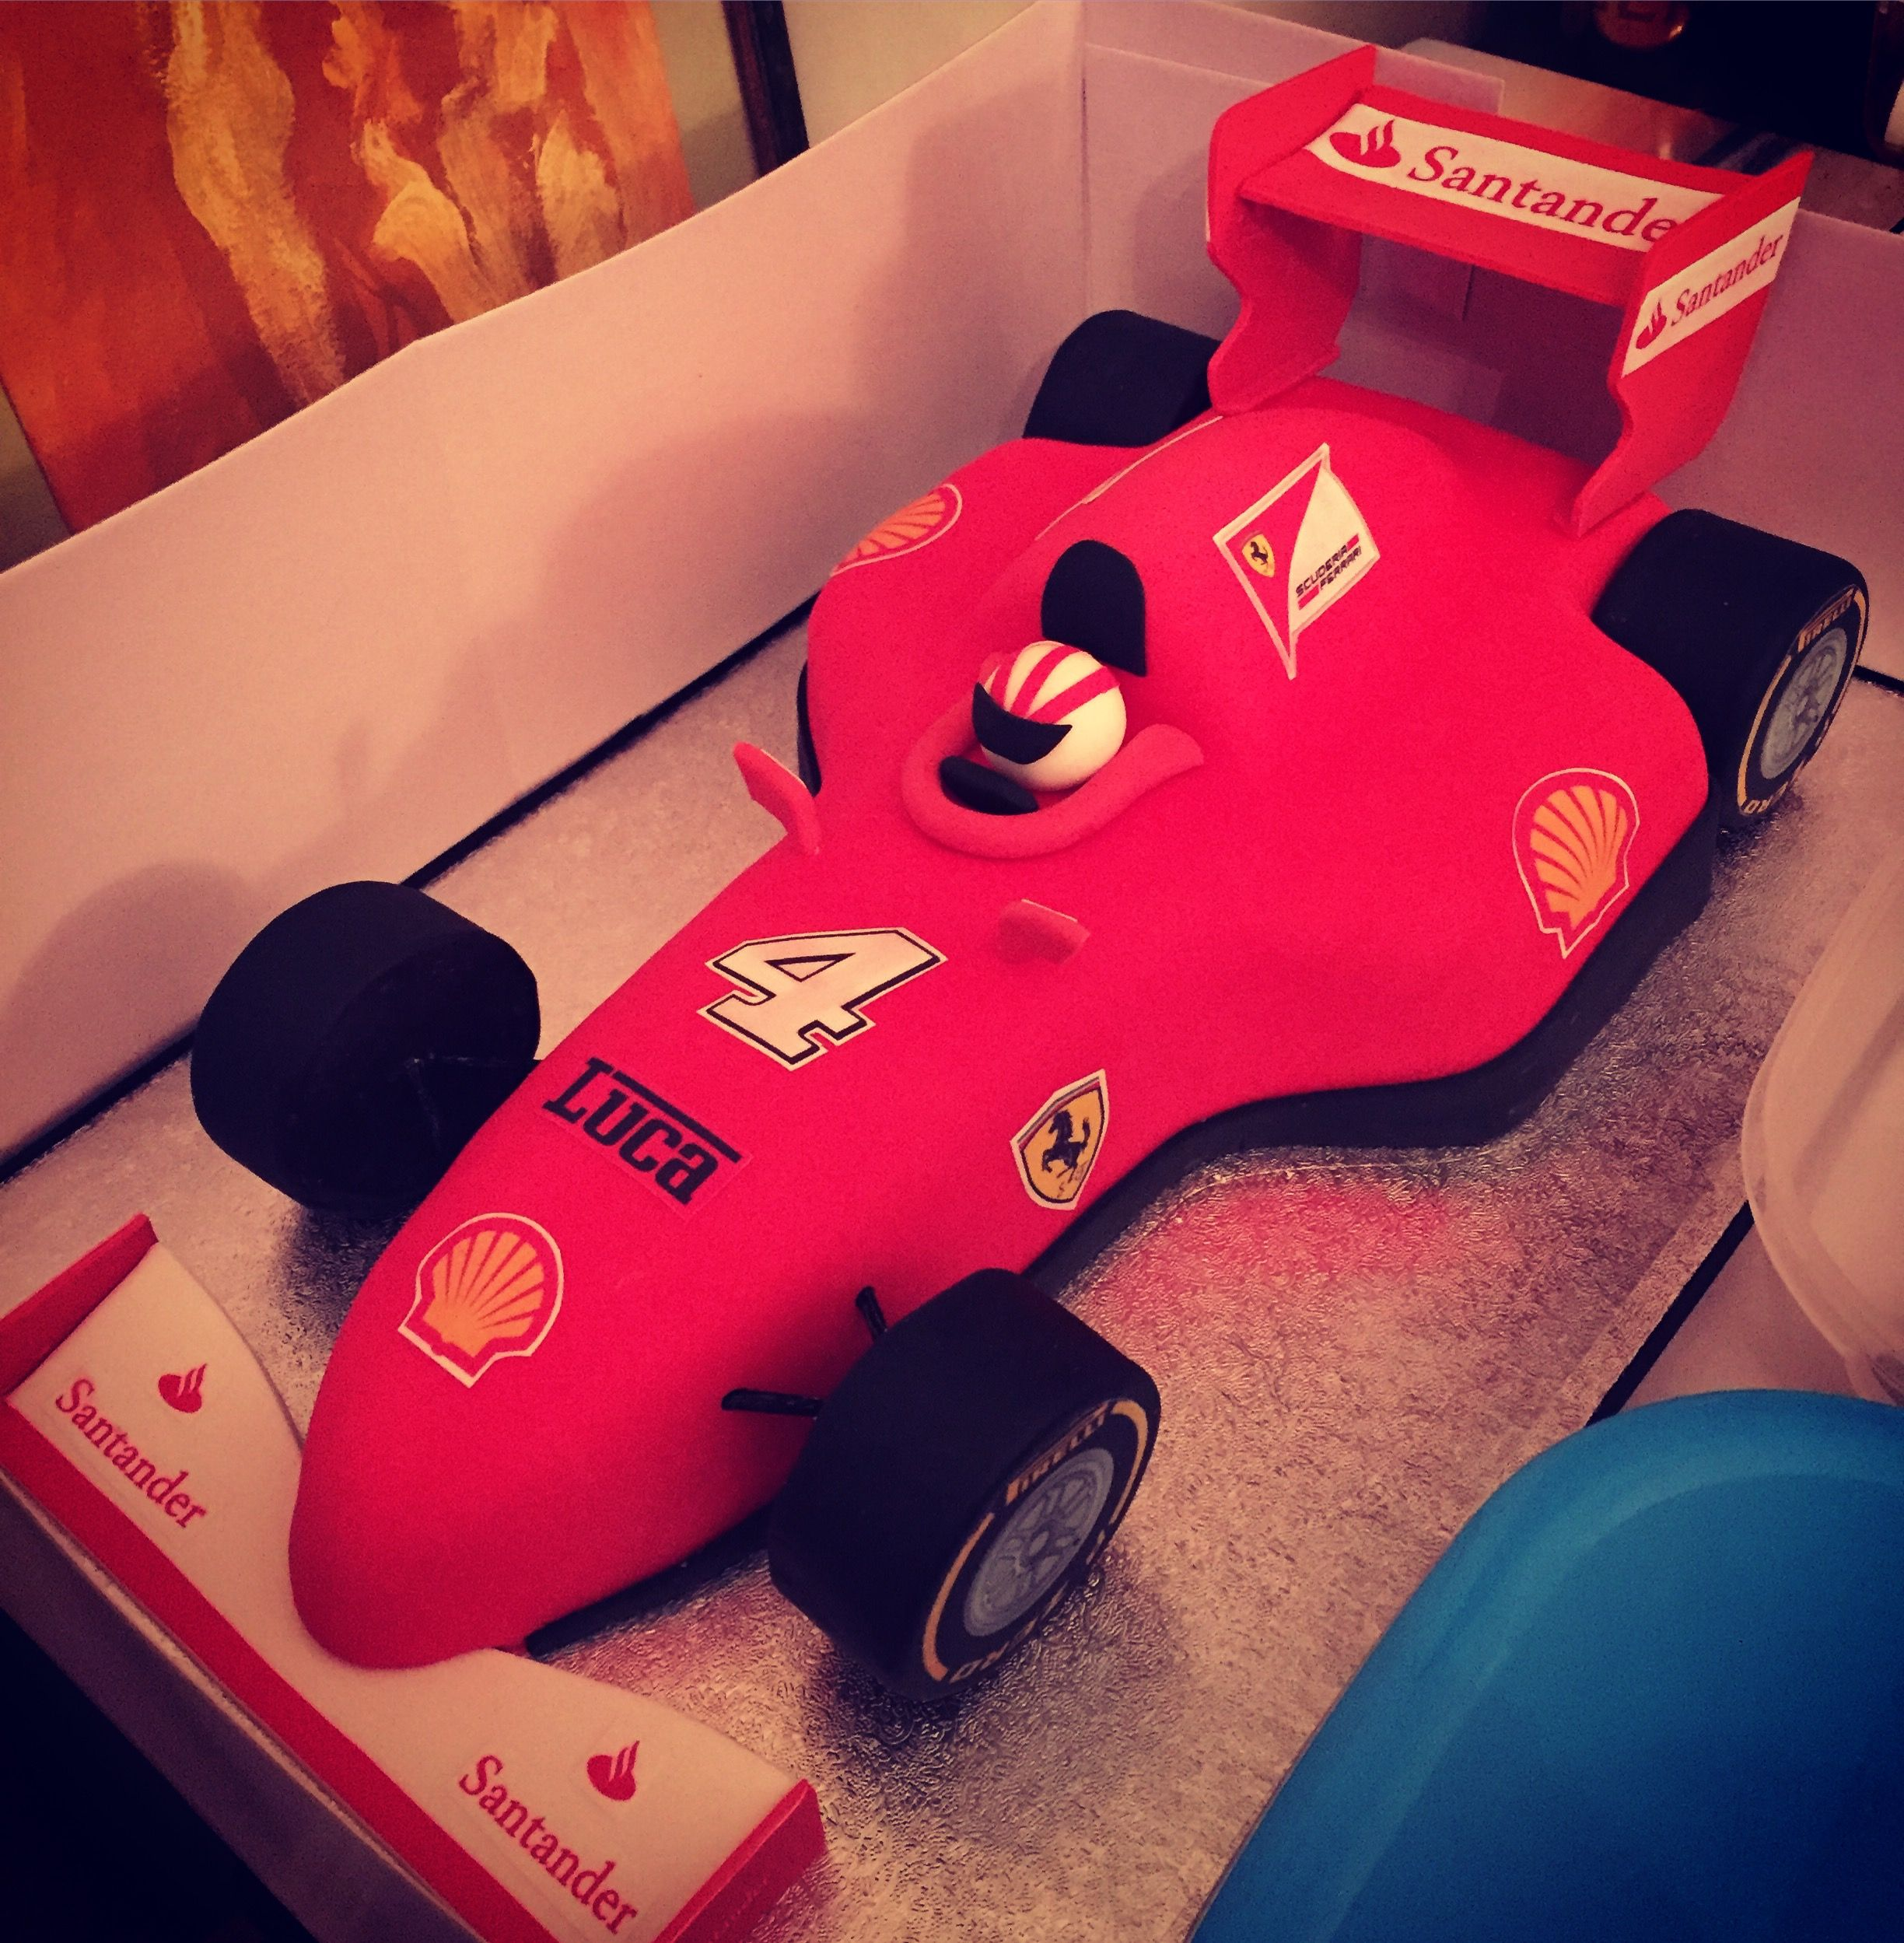 Race Car Cake Formula 1 Ferrari Birthday Cake Race Car Cakes Car Cake Dad Cake